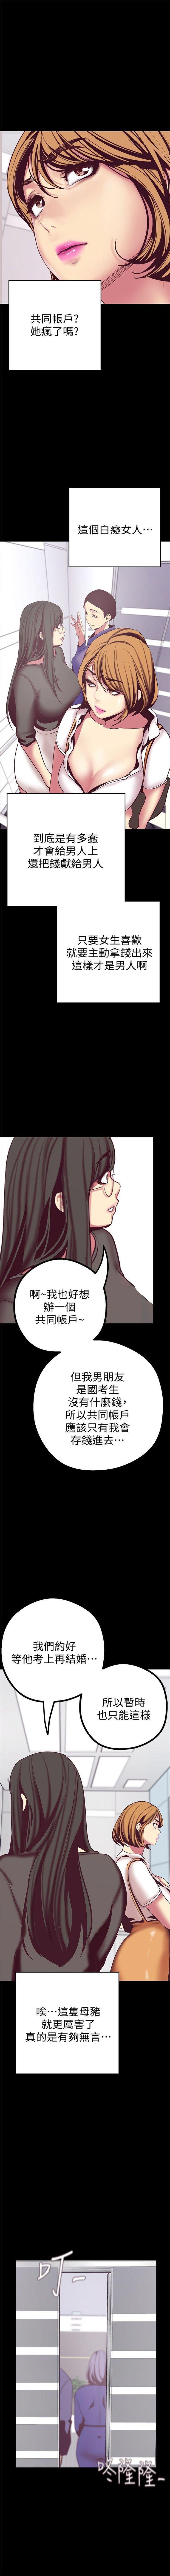 (週1)美麗新世界 1-76 中文翻譯 (更新中) 149